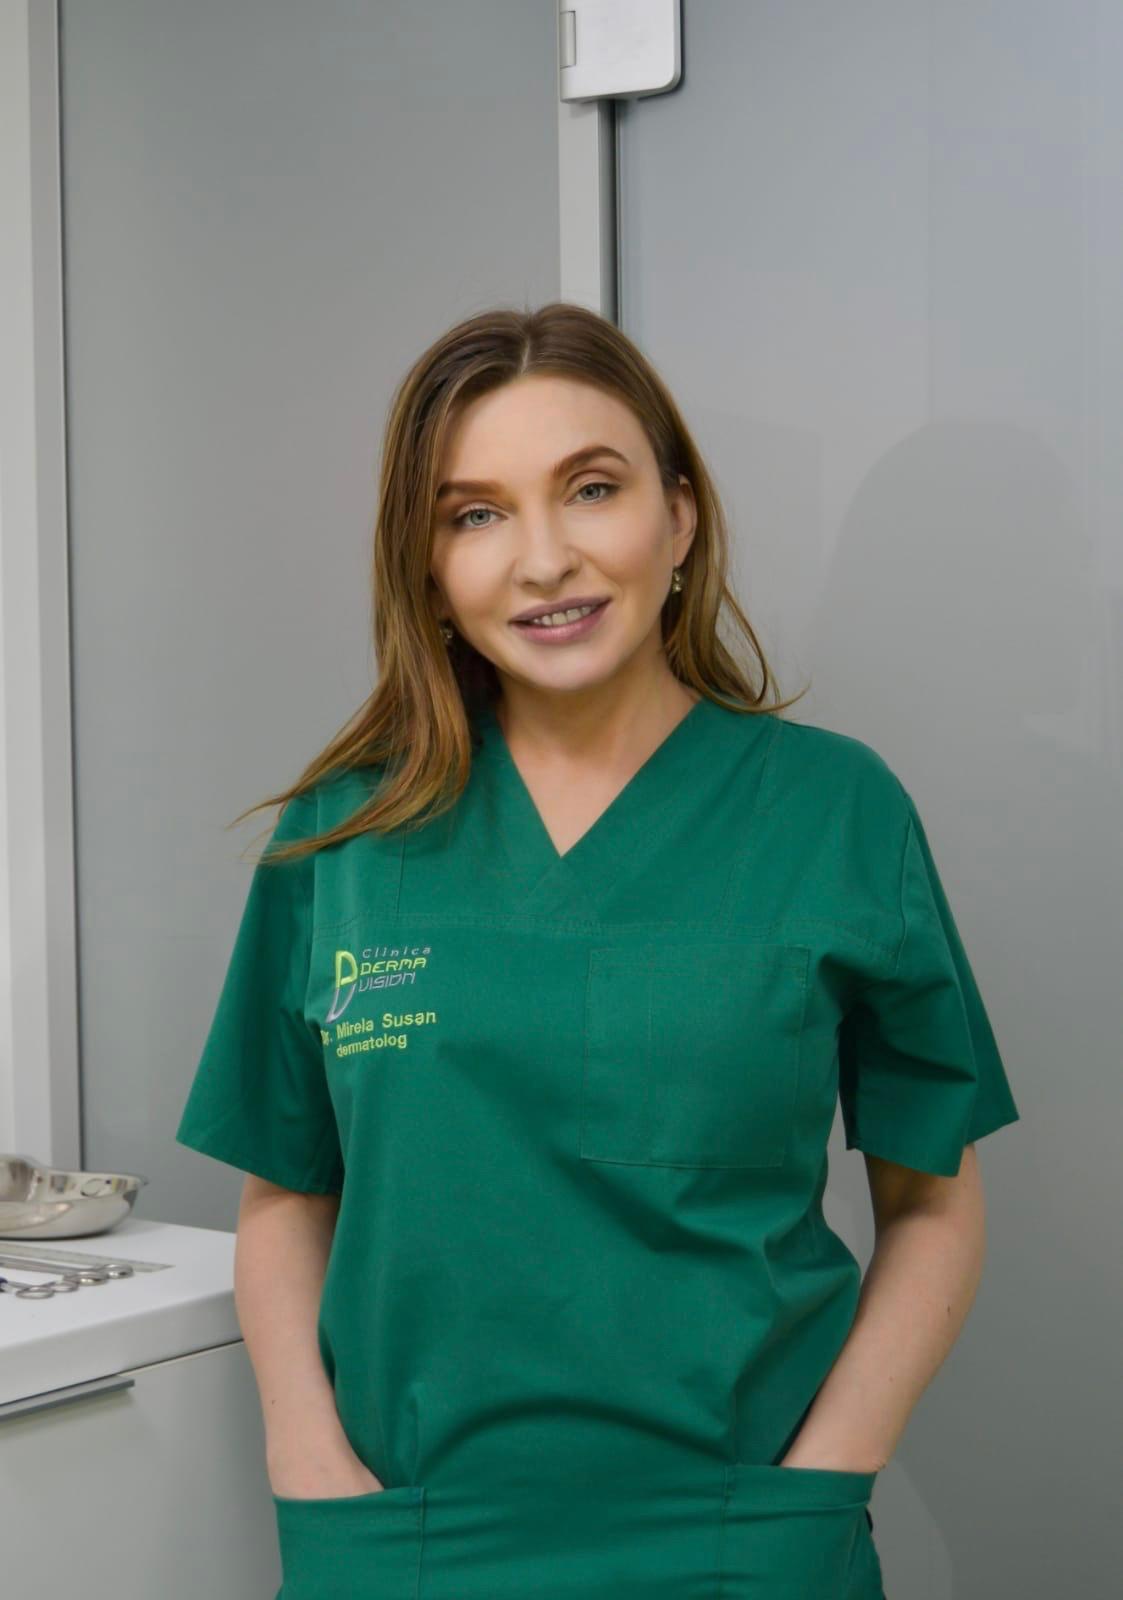 Mirela Susan - Dermavision 2